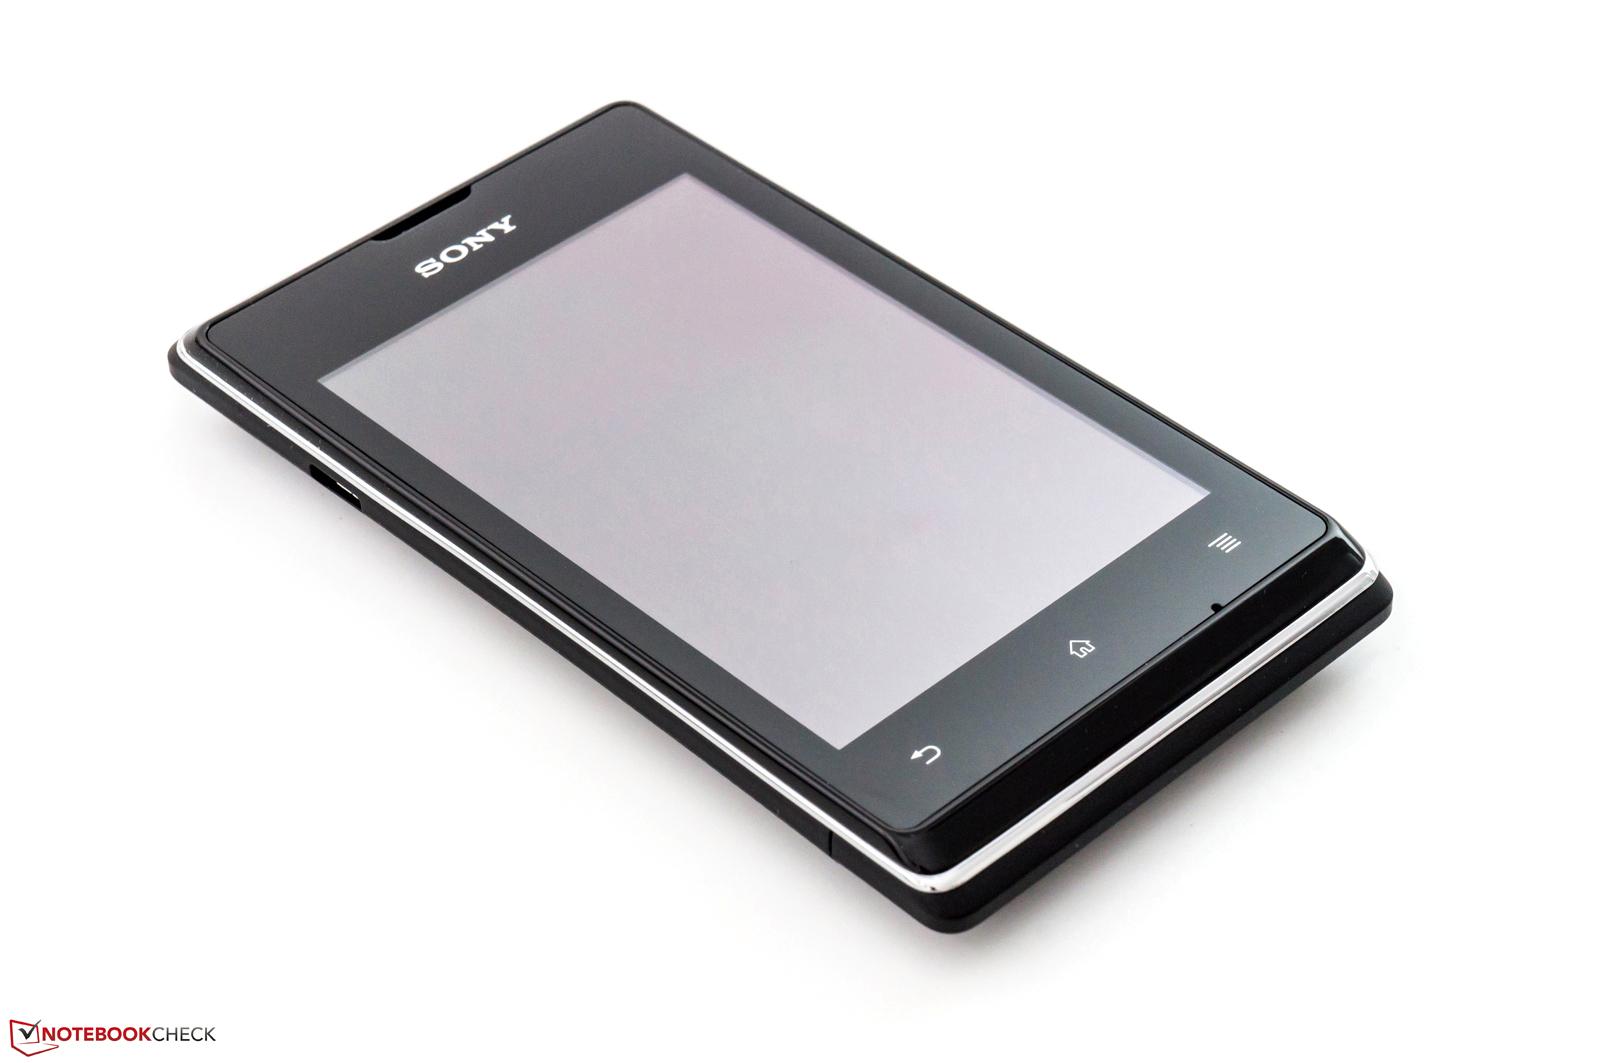 Review Sony Xperia E Dual Smartphone - NotebookCheck.net Reviews